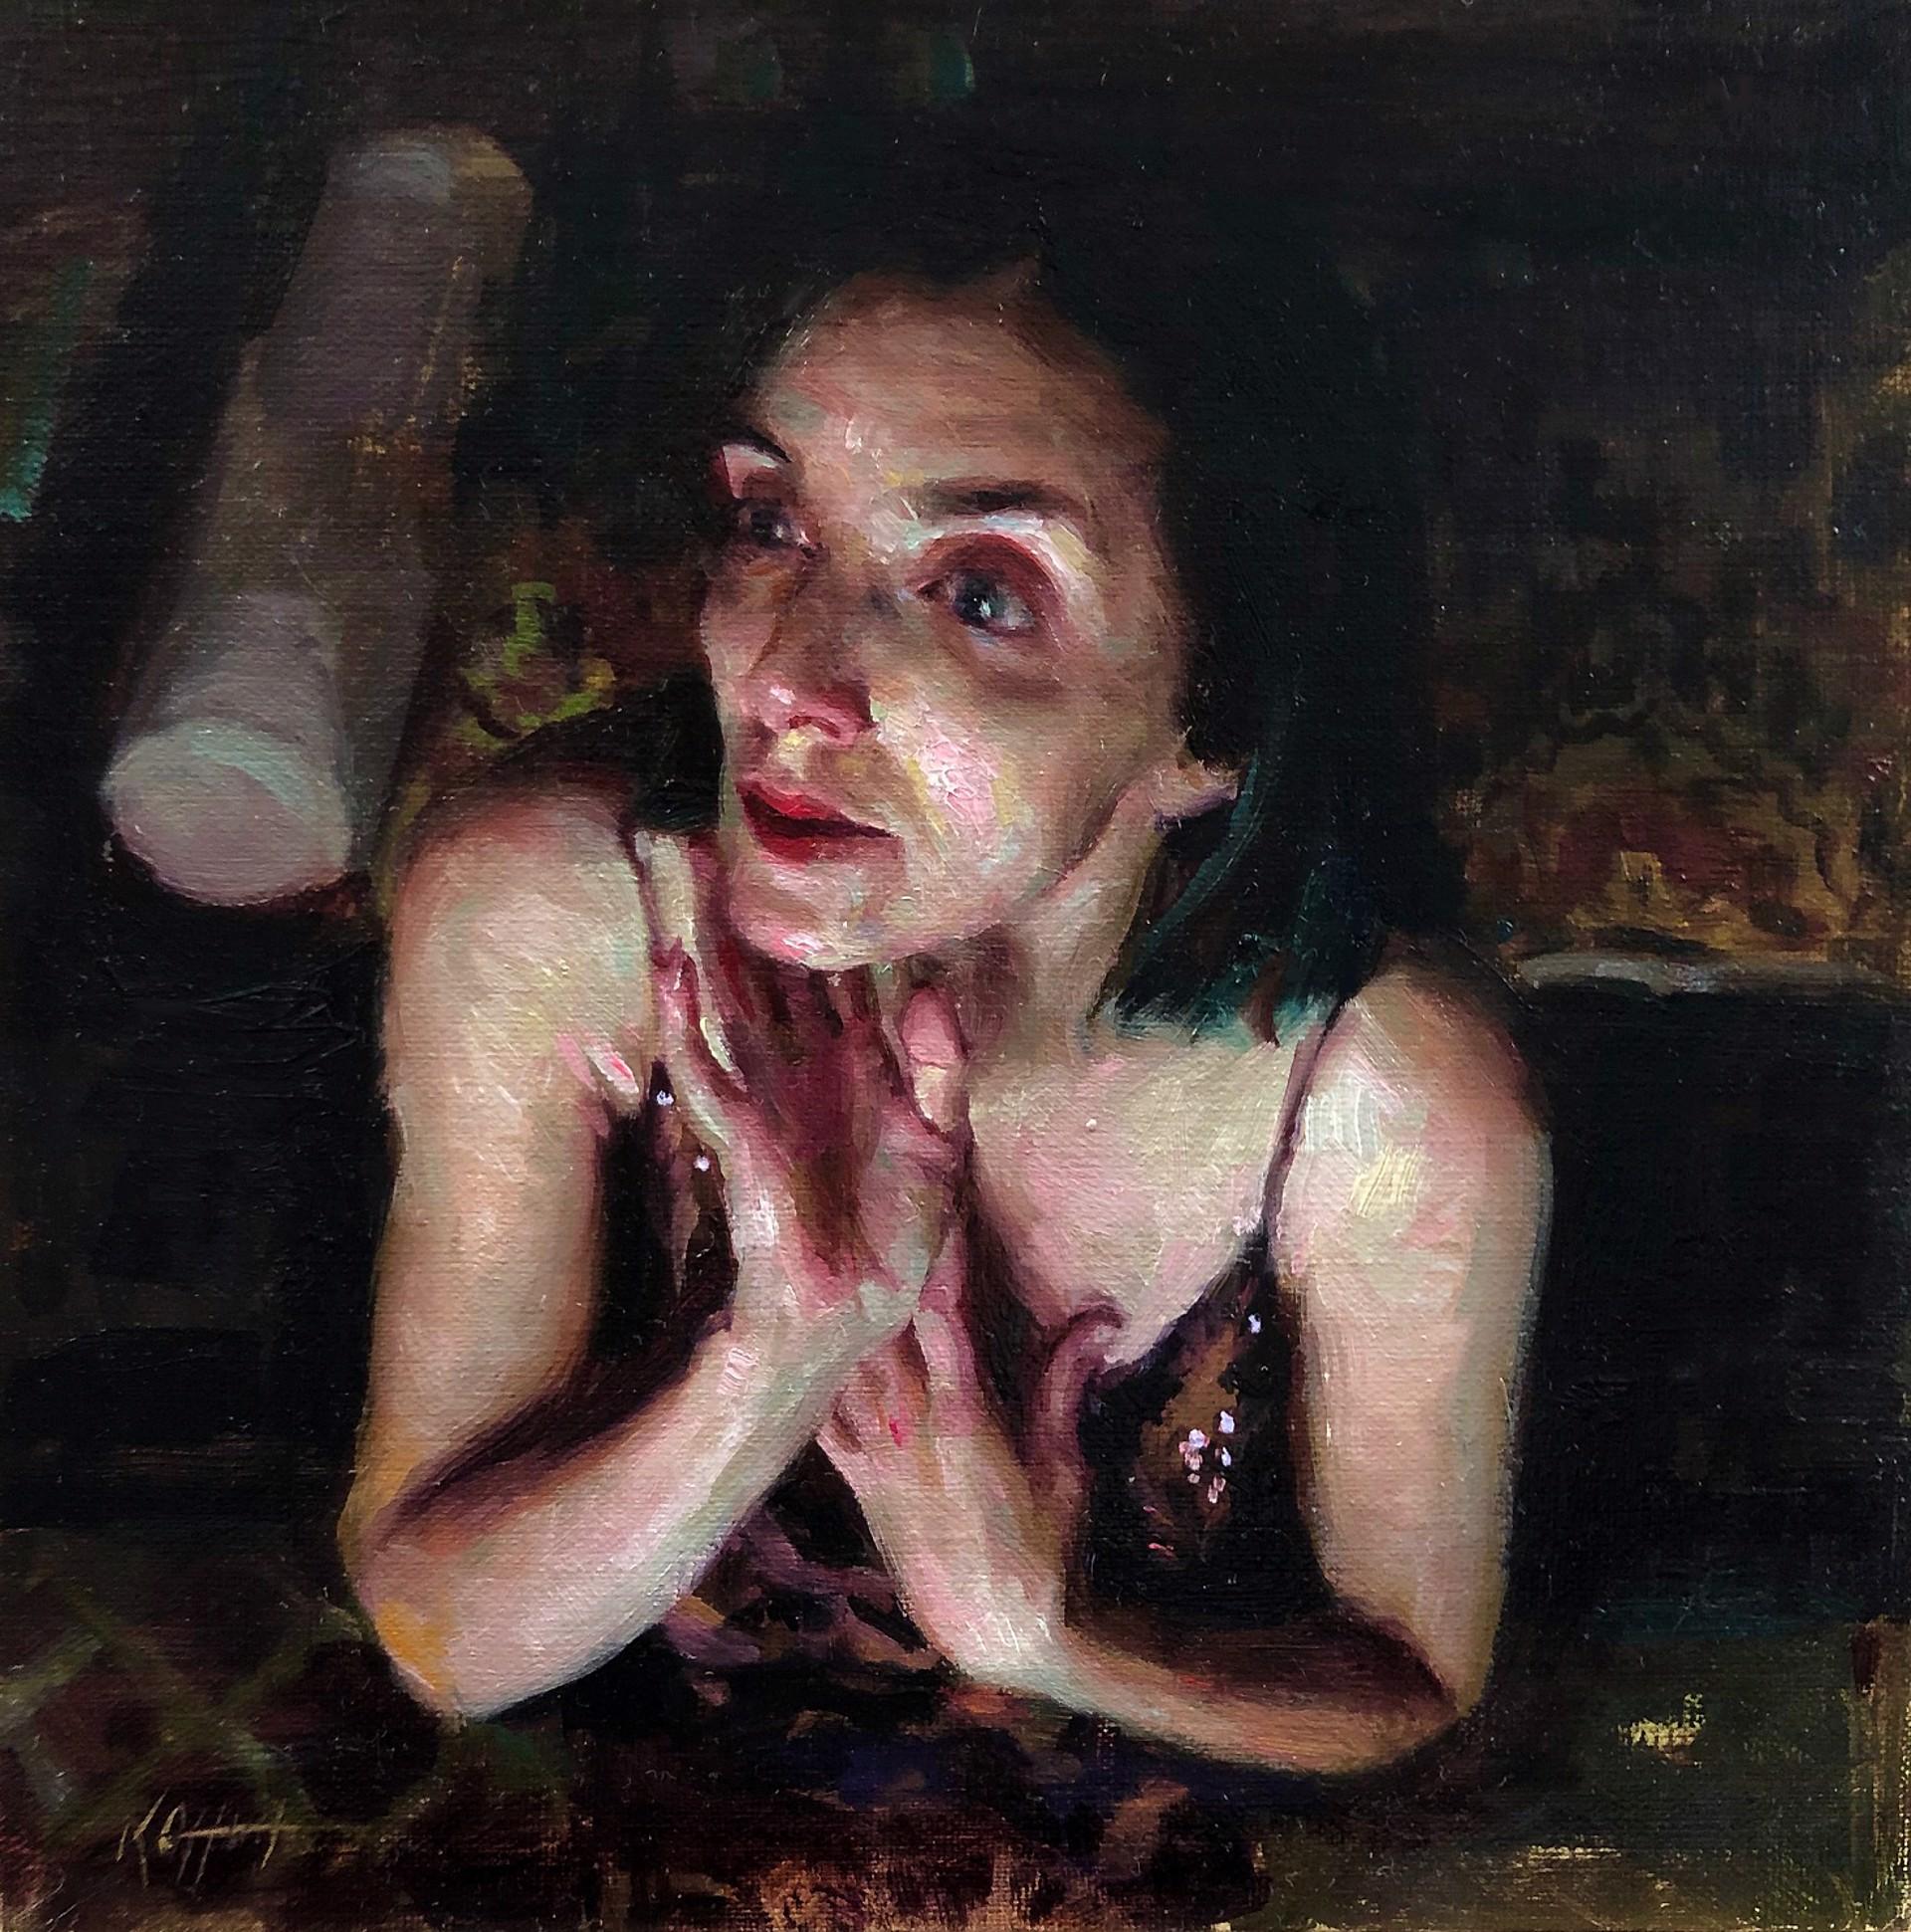 The Awakening by Karen Offutt